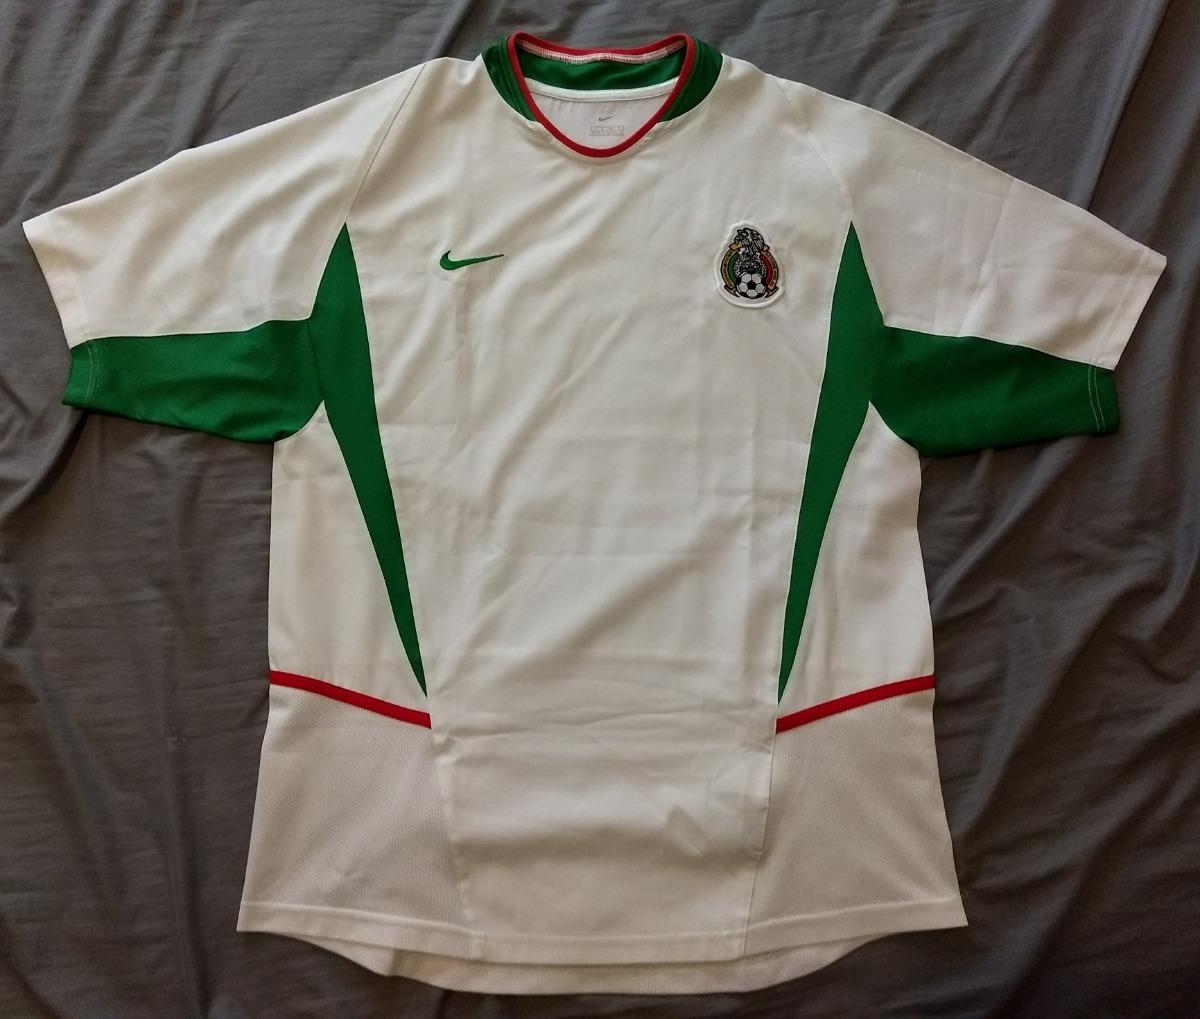 camisa da seleção do mexico nike 2002 away. Carregando zoom. e1502e280bf43